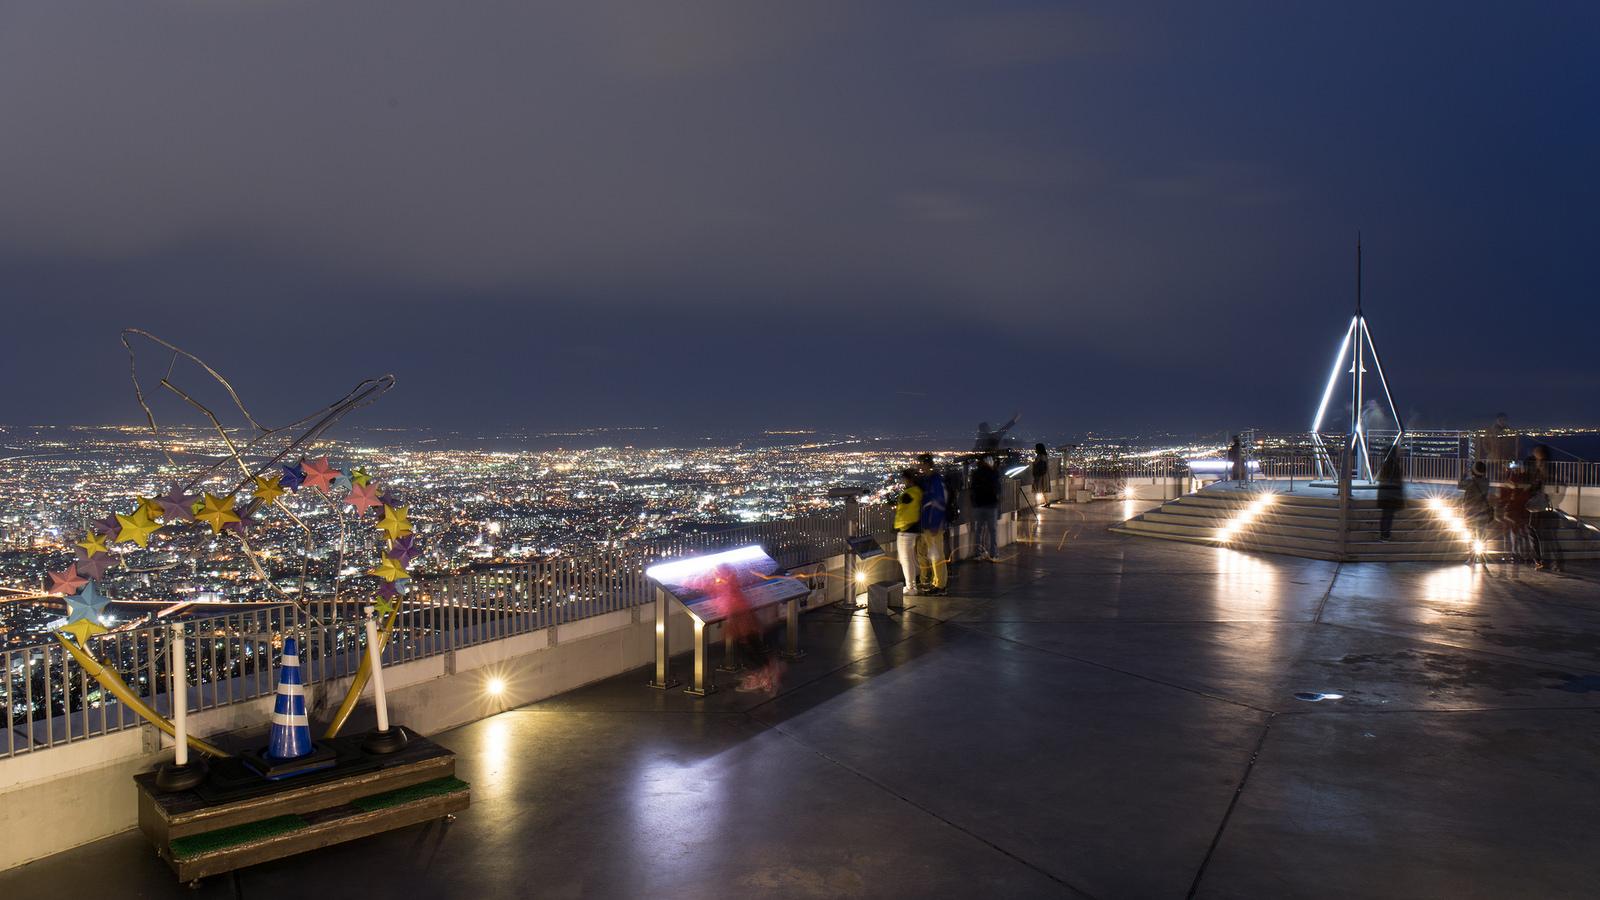 Сегодня мы посмотрим на Японский город Саппоро (32 фото)